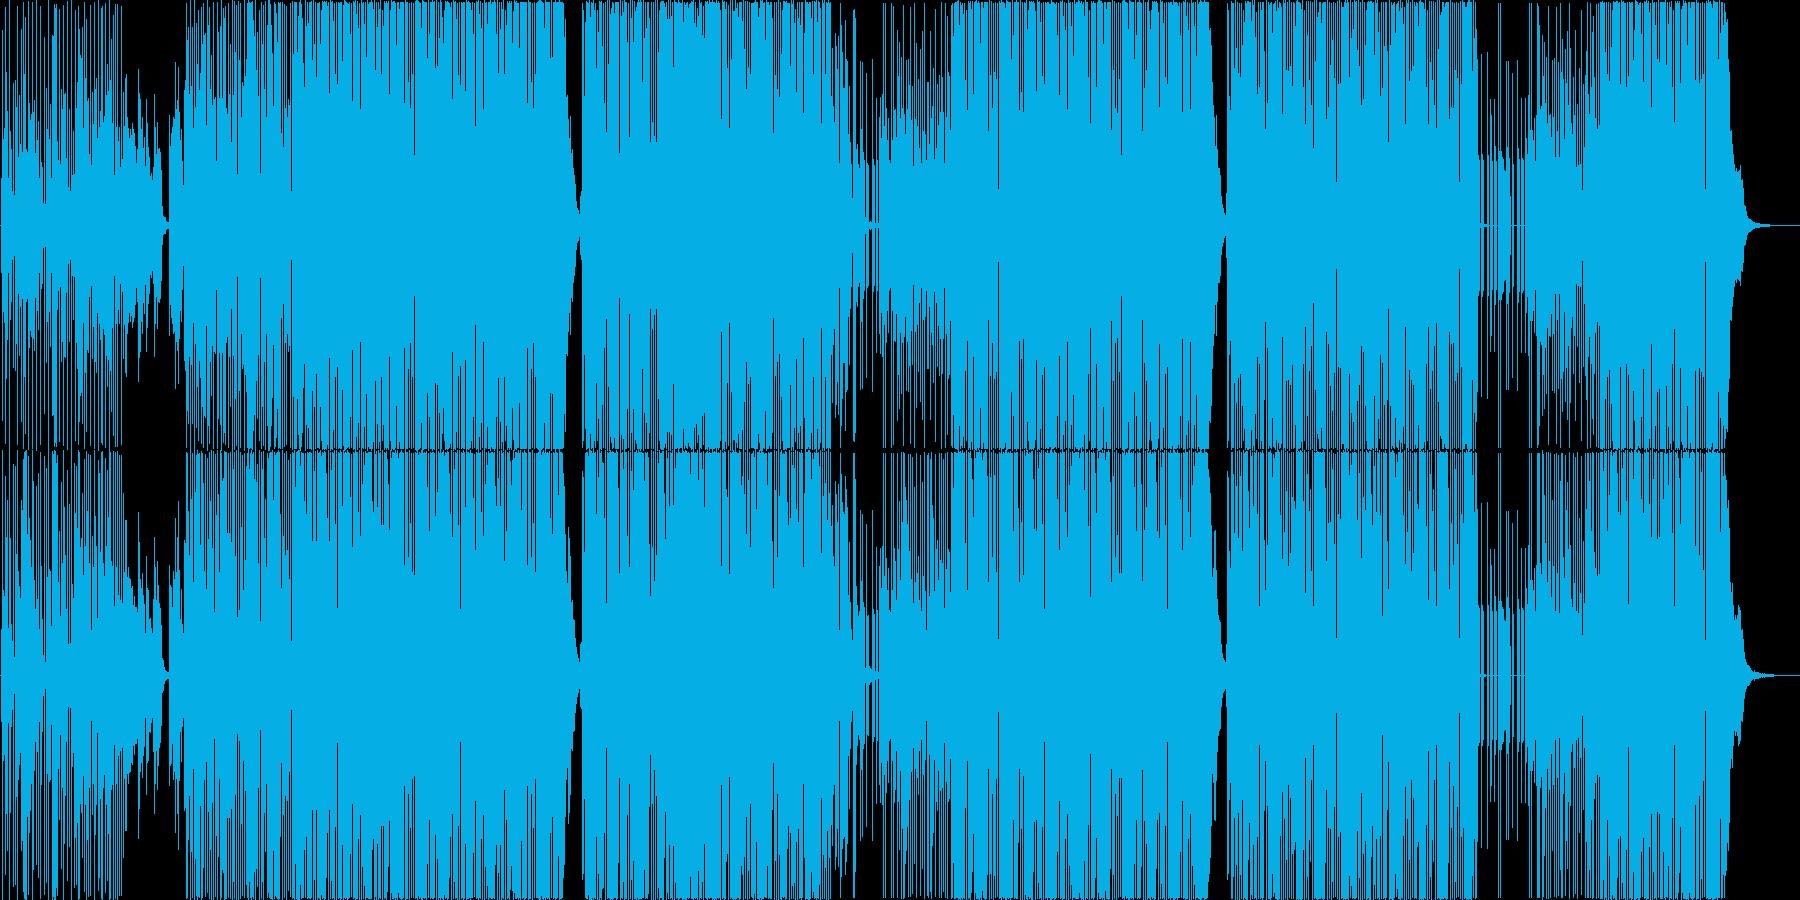 60~70年代映画・TV音楽系サウンドの再生済みの波形